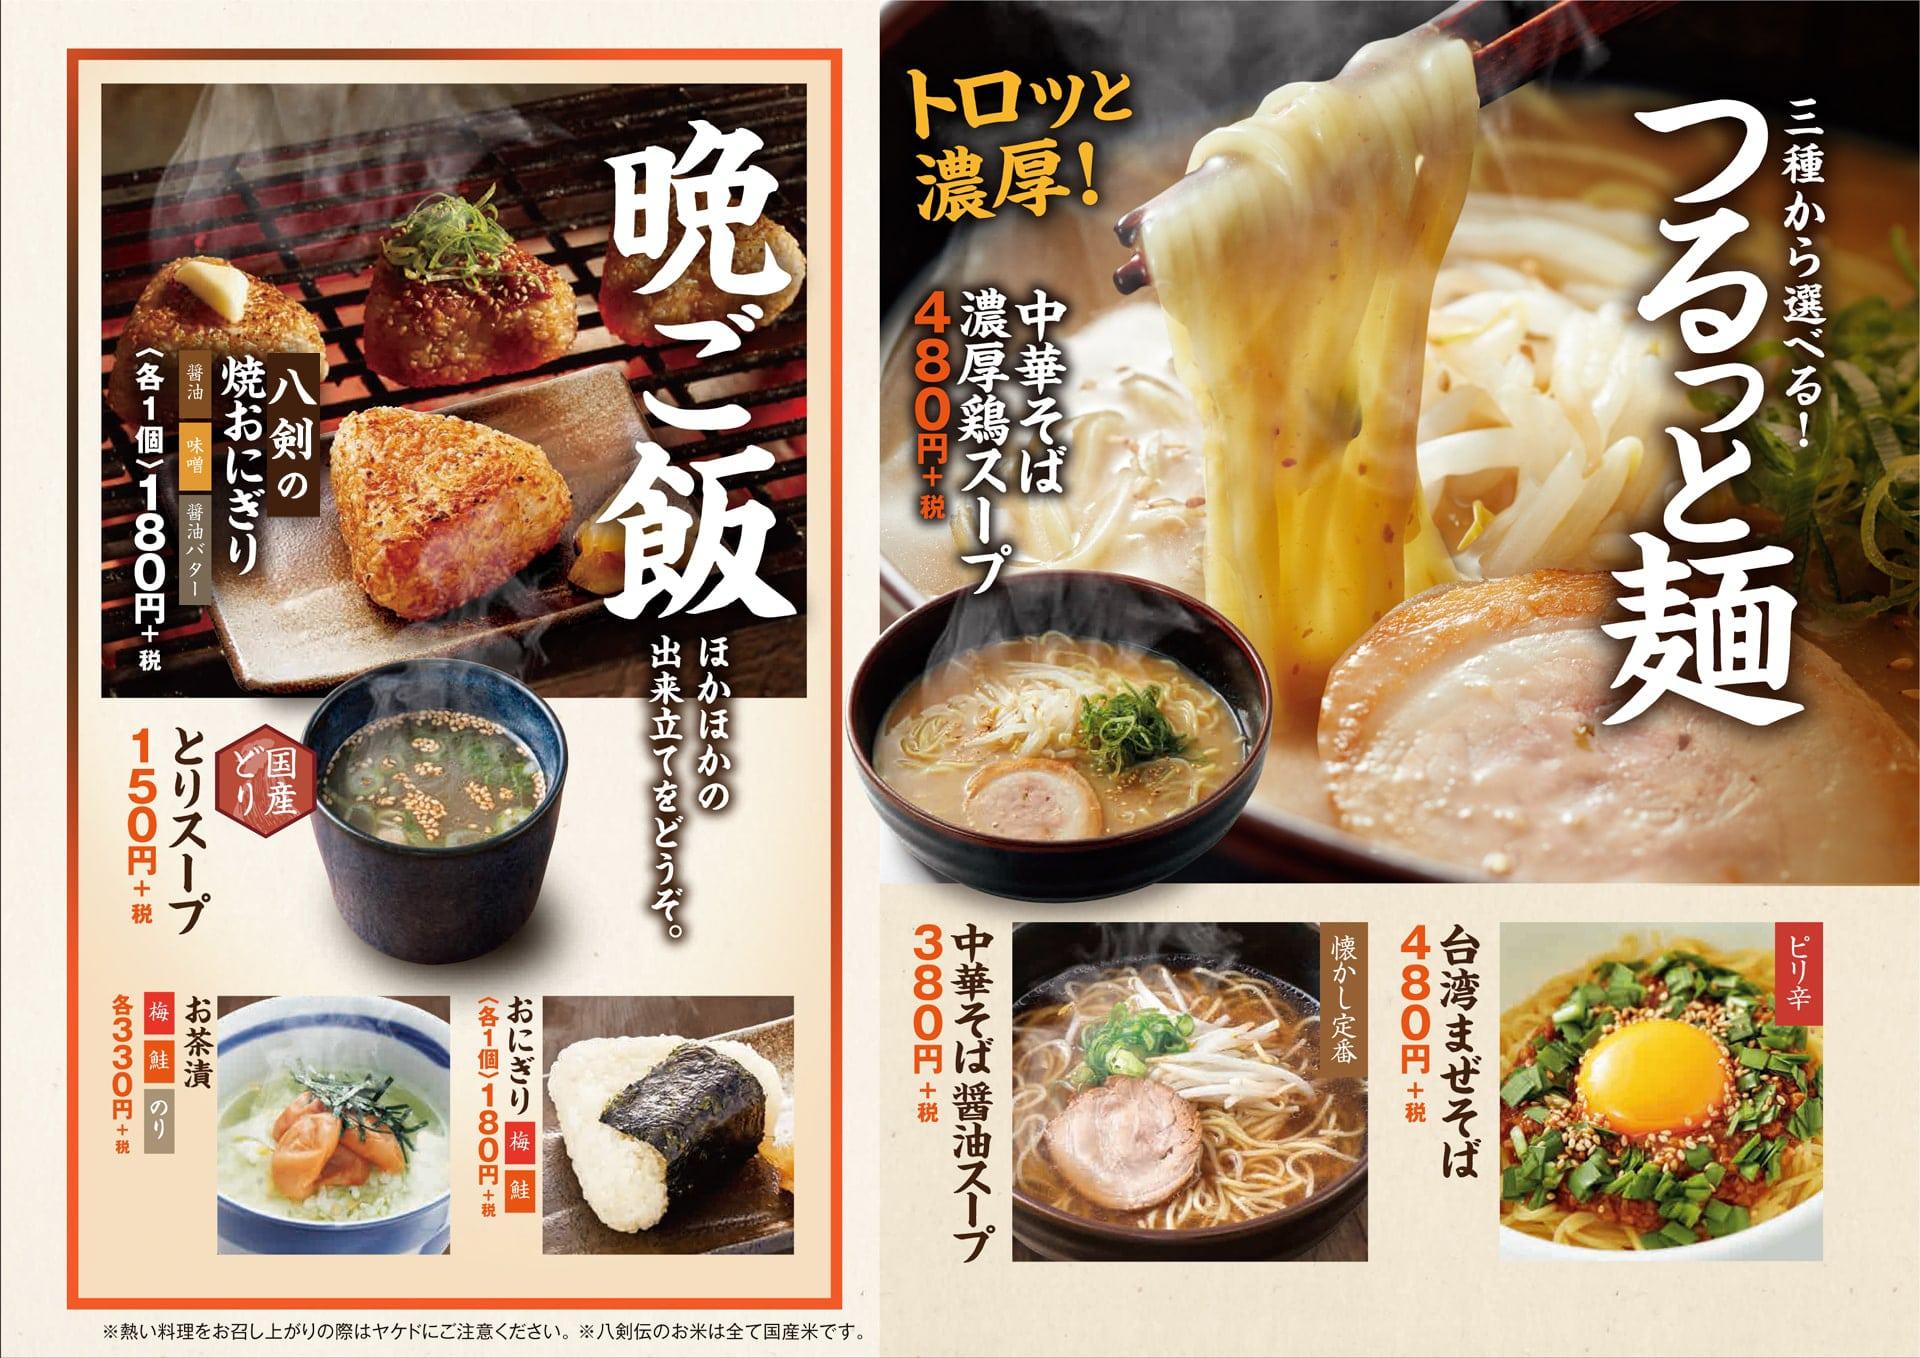 八剣食堂 麺・おにぎり